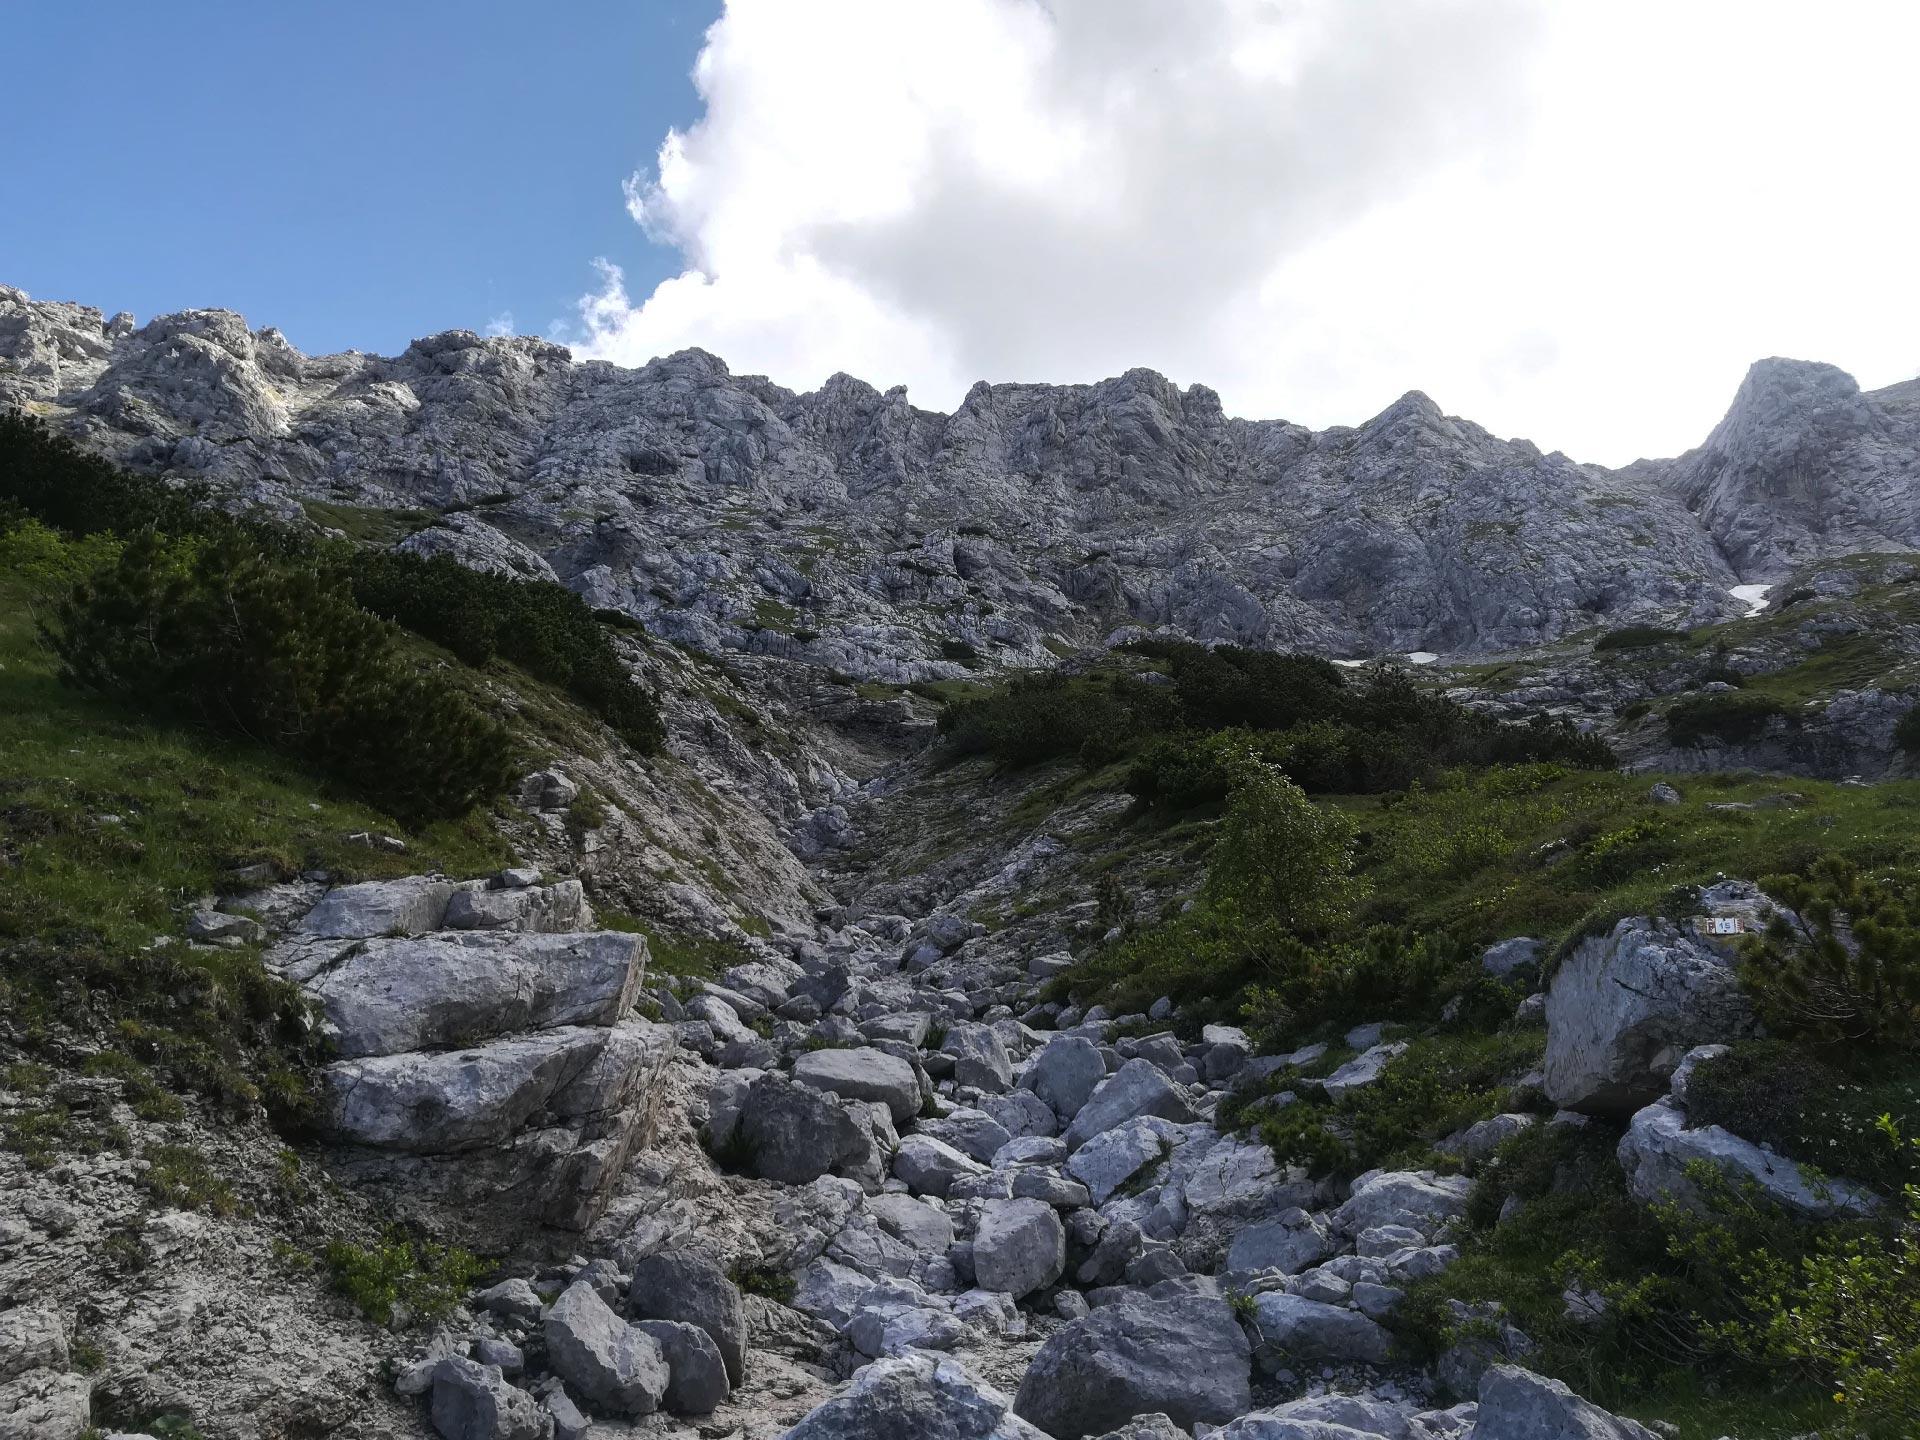 la cima rocciosa del Grignone vista dal Rifugio Bietti, Lecco, Lombardia